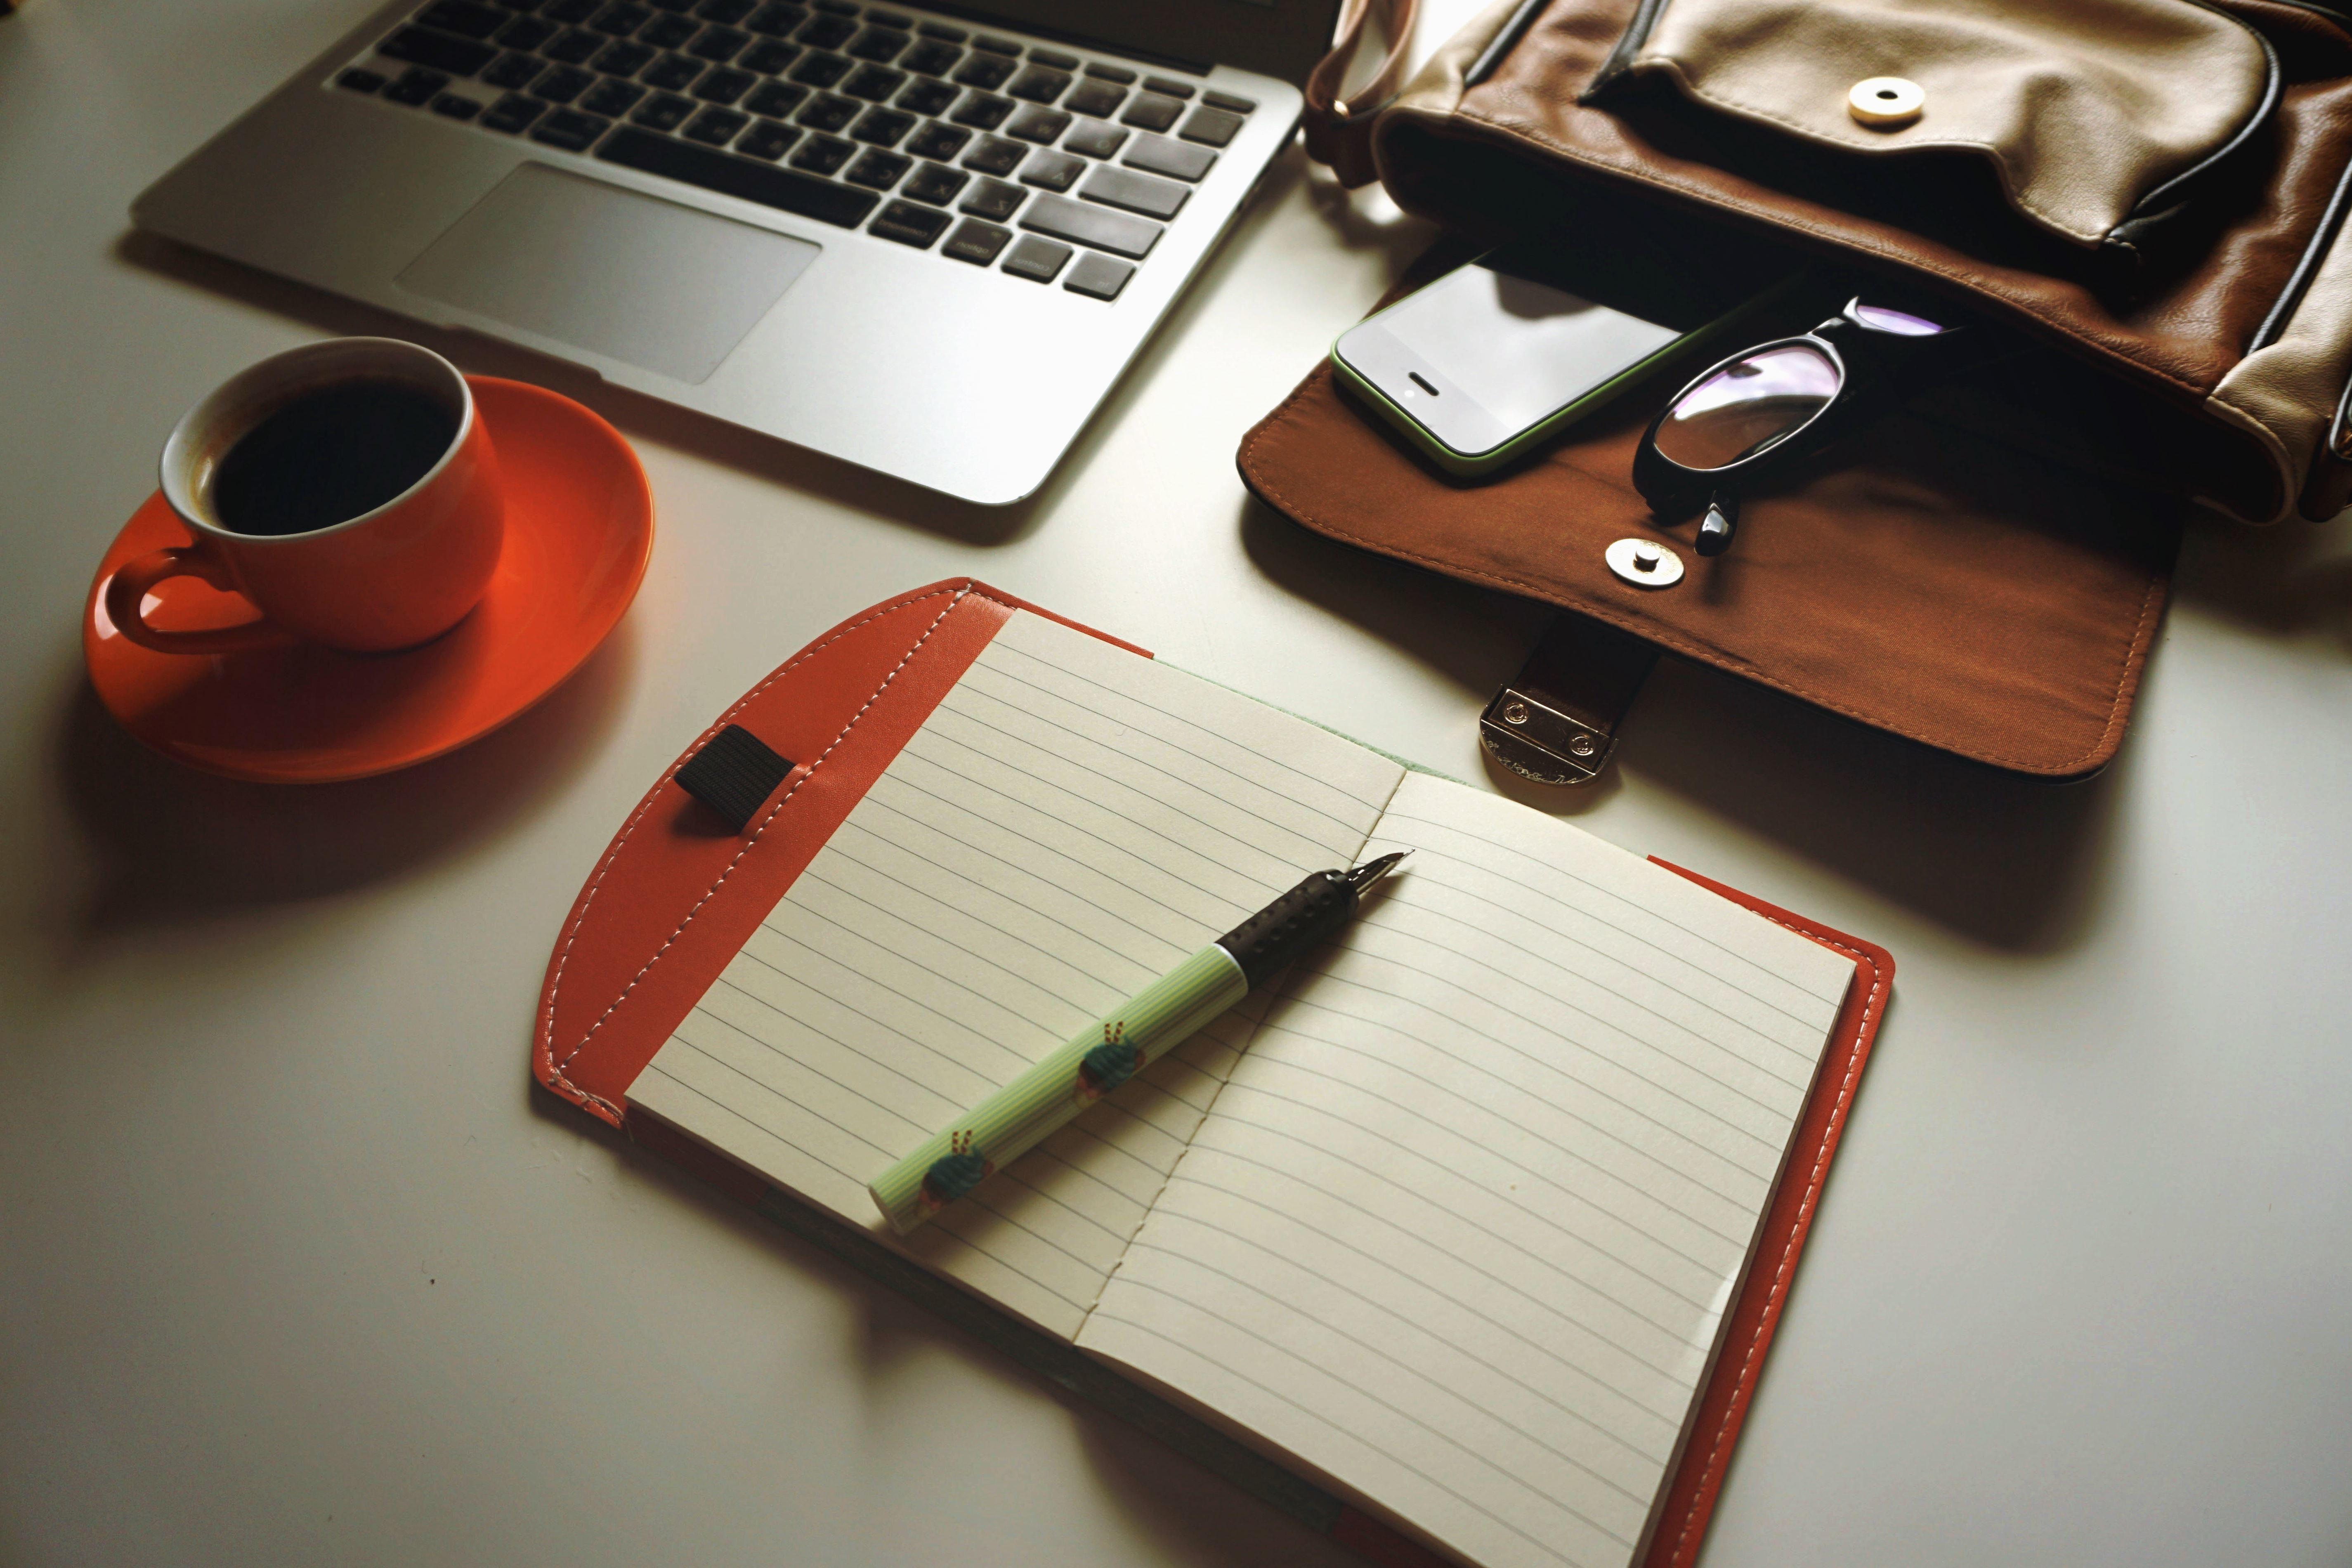 Imagen gratis: Café, portátil, lápiz, notas, gafas